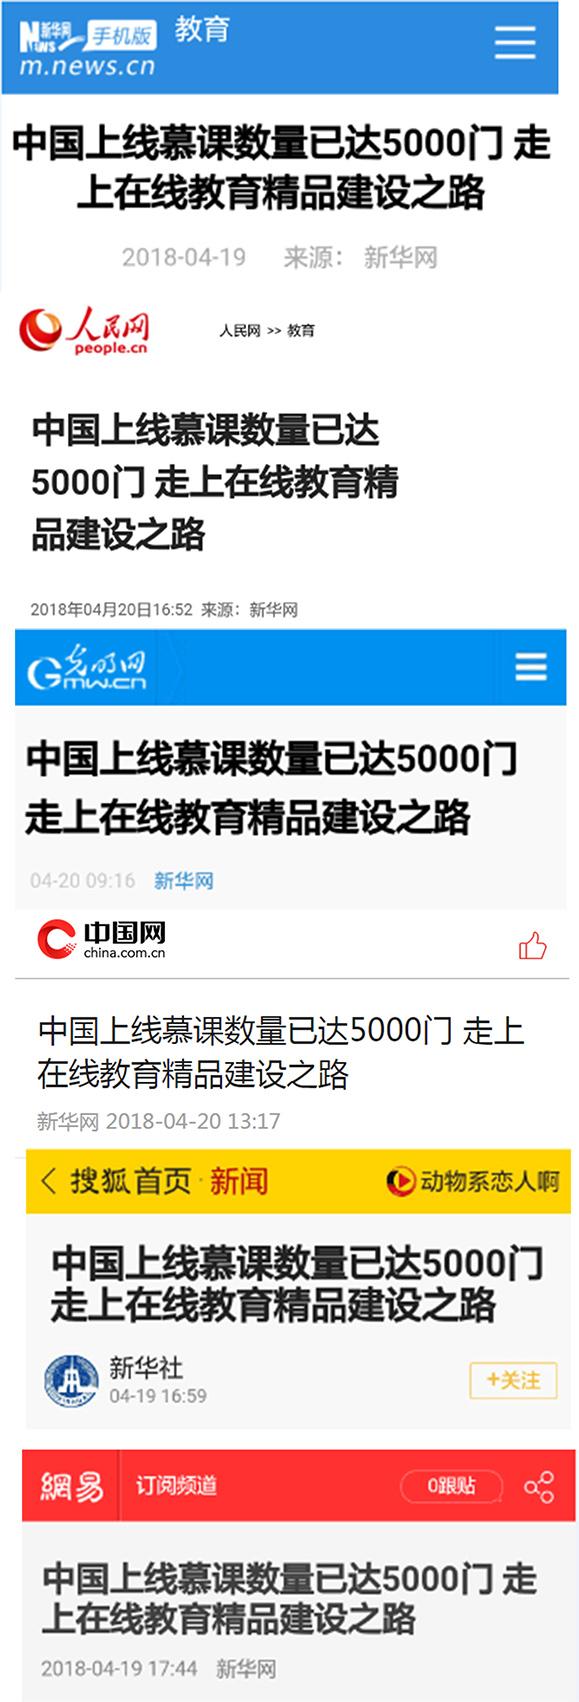 中国上线慕课数量已达5000门 走上在线教育精品建设之路